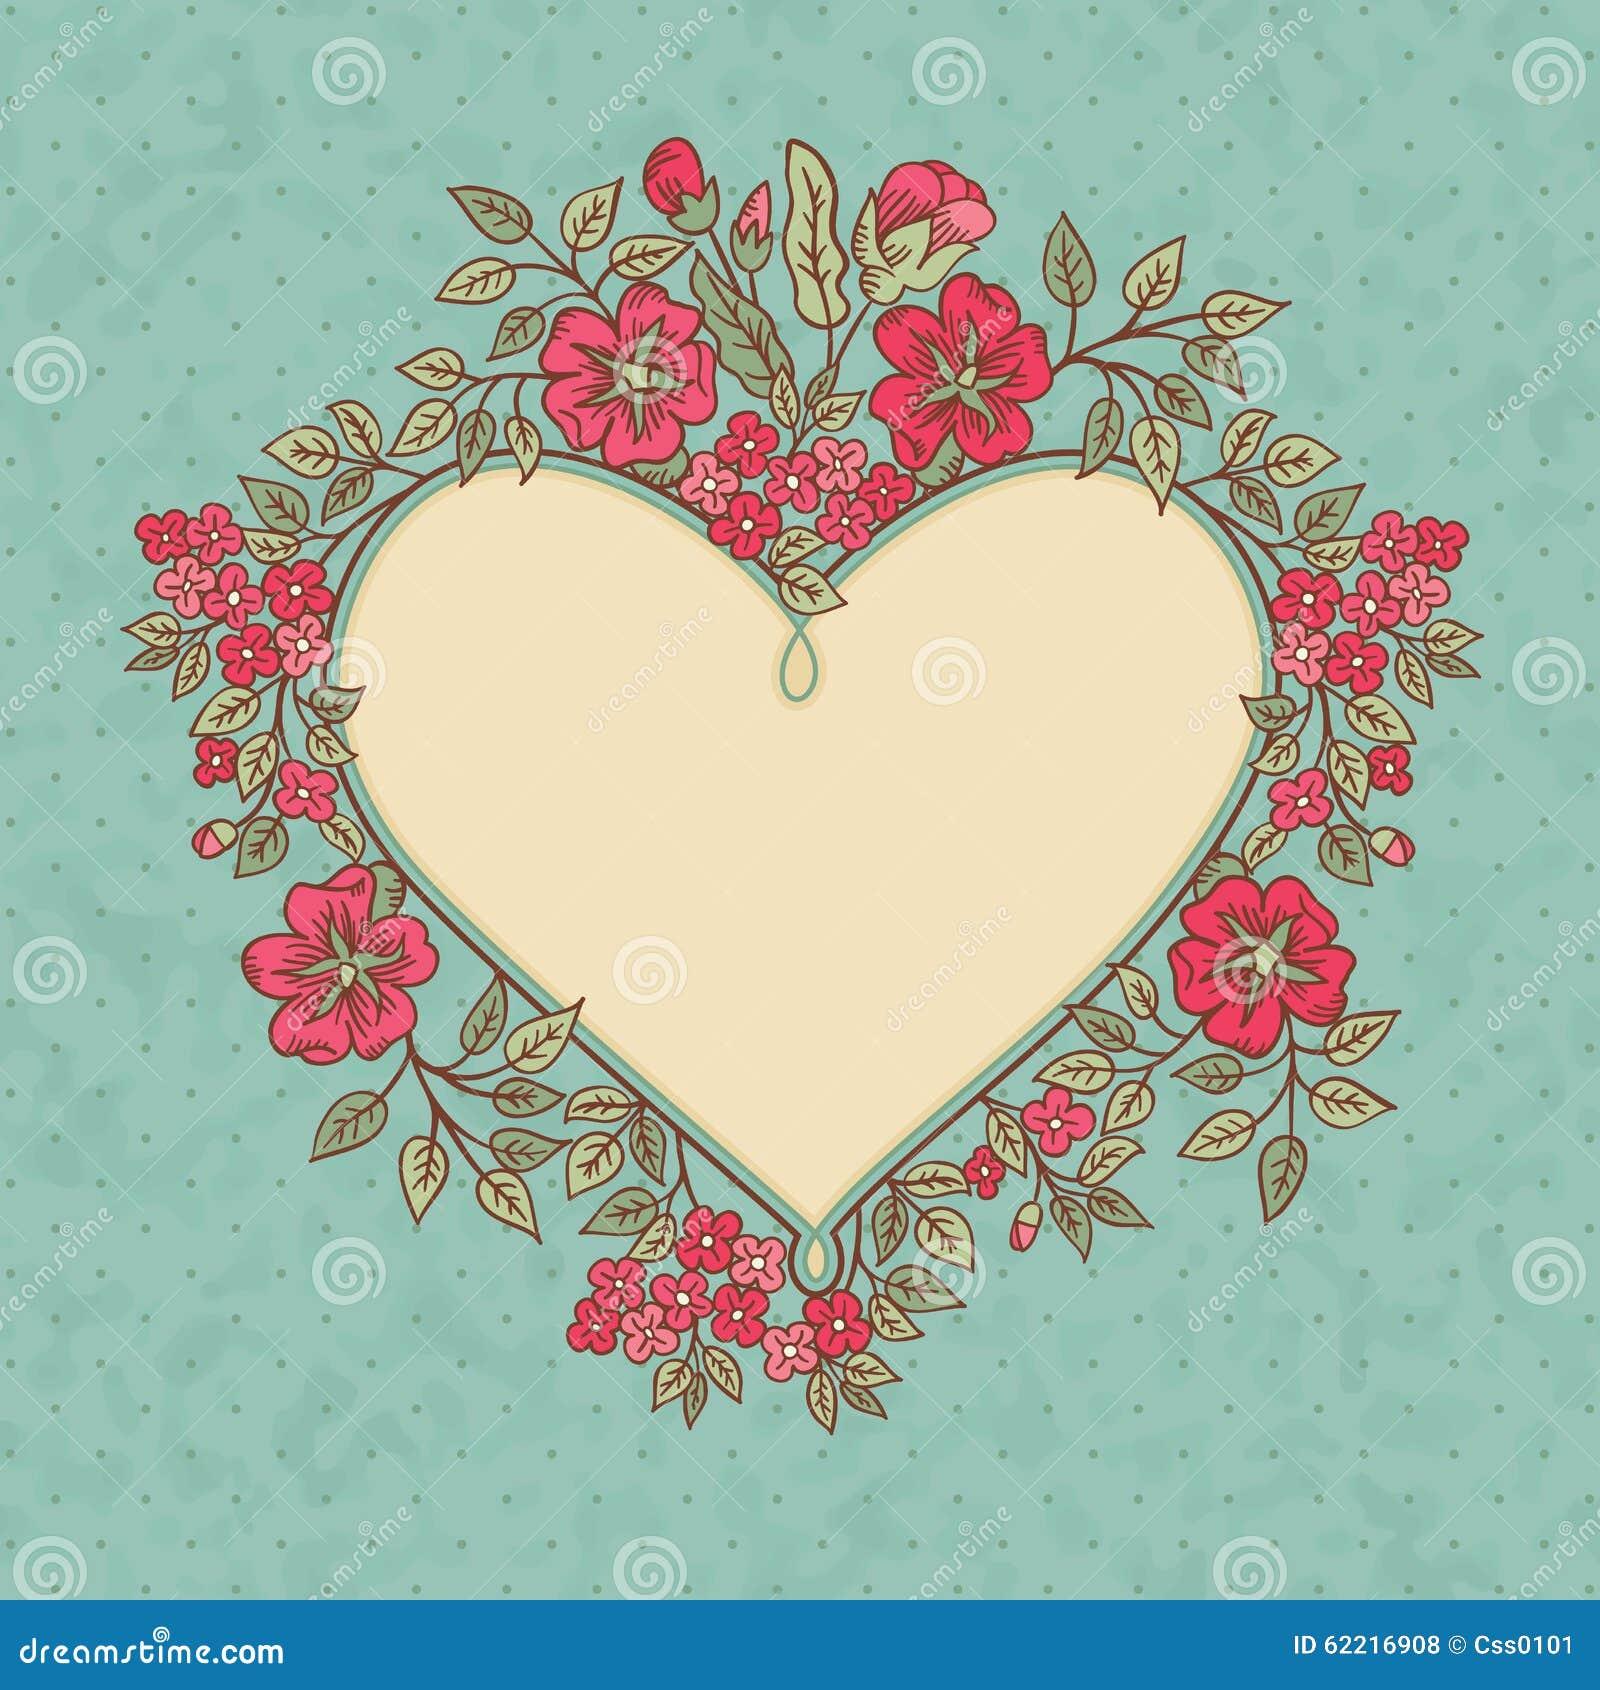 Vector la tarjeta de felicitaci n del vintage con un ramo de las flores del rojo del garabato y - Marcos de fotos vintage ...